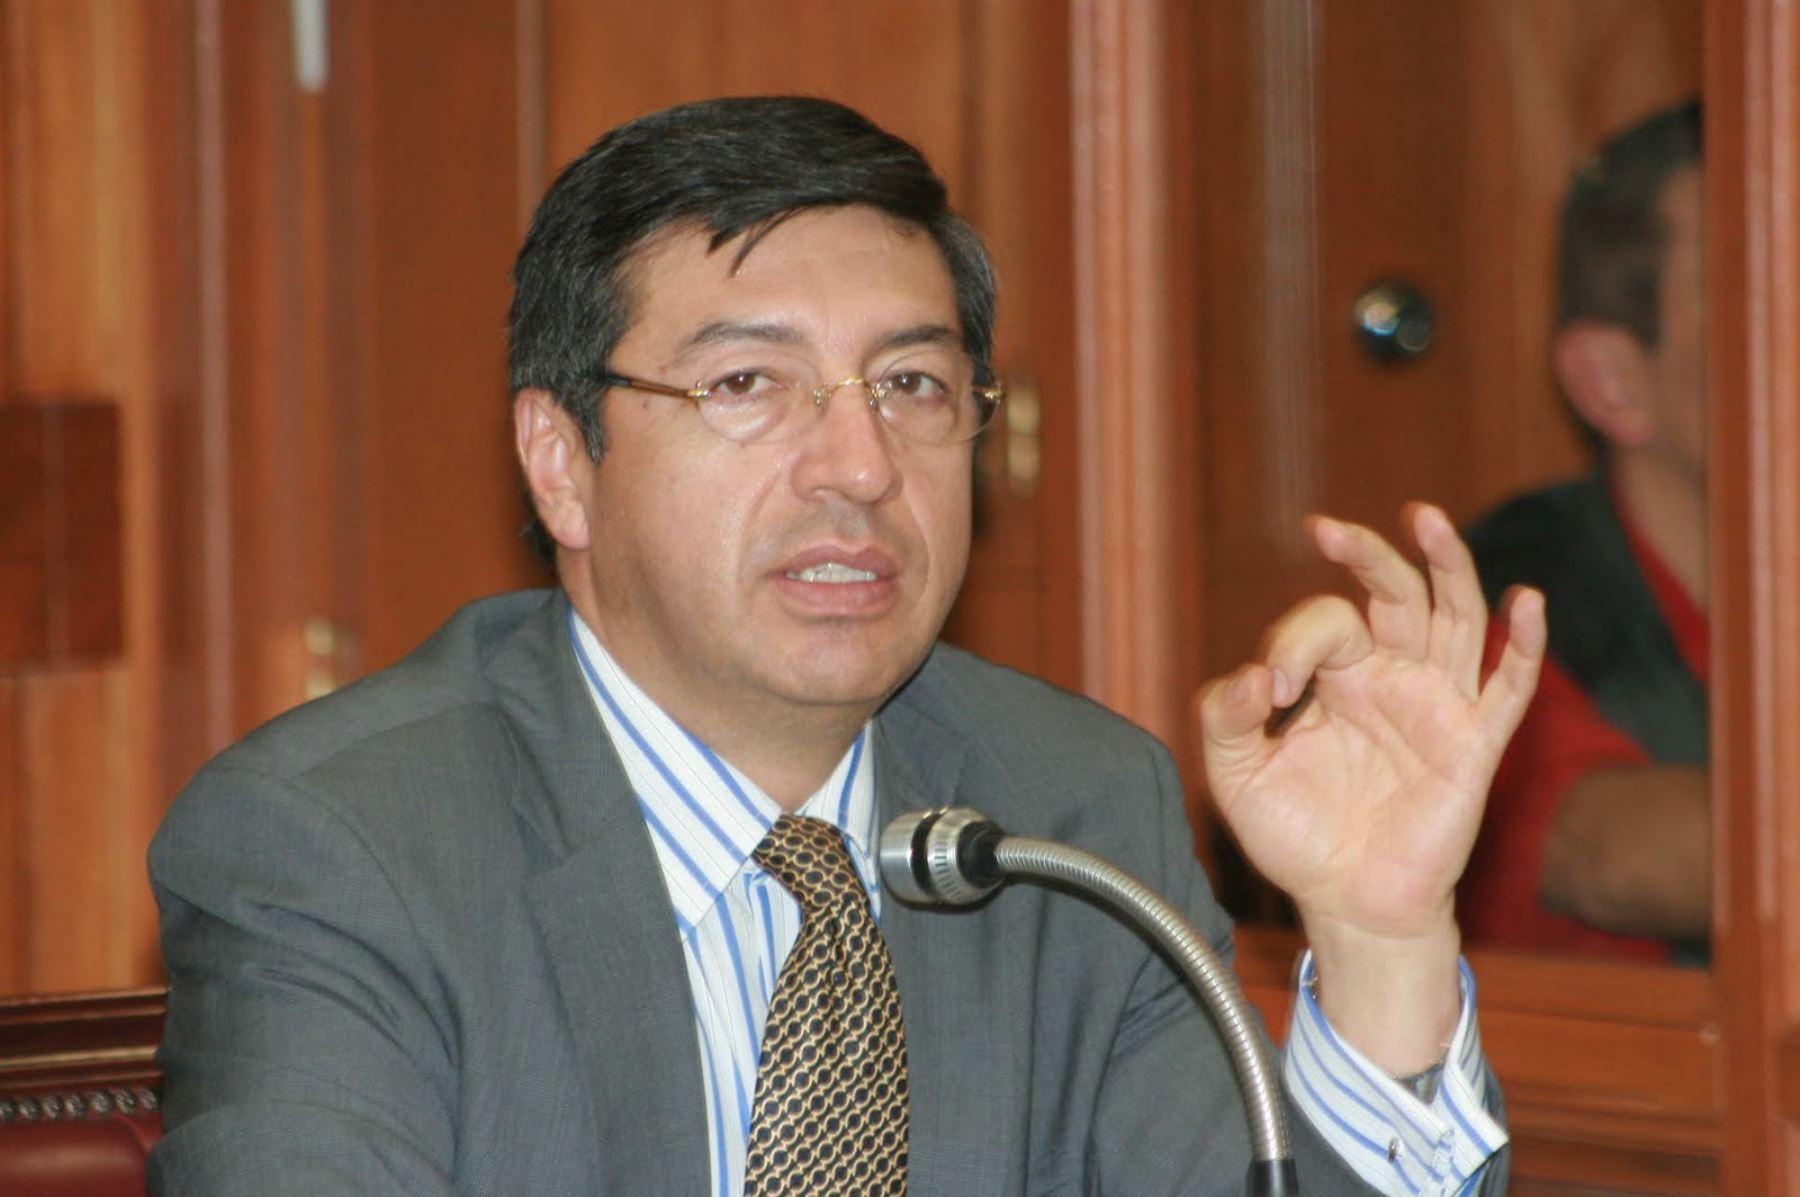 IColombiano Jorge Hernando Pedraza es elegido secretario general de la CAN Foto: NTERNET/Medios